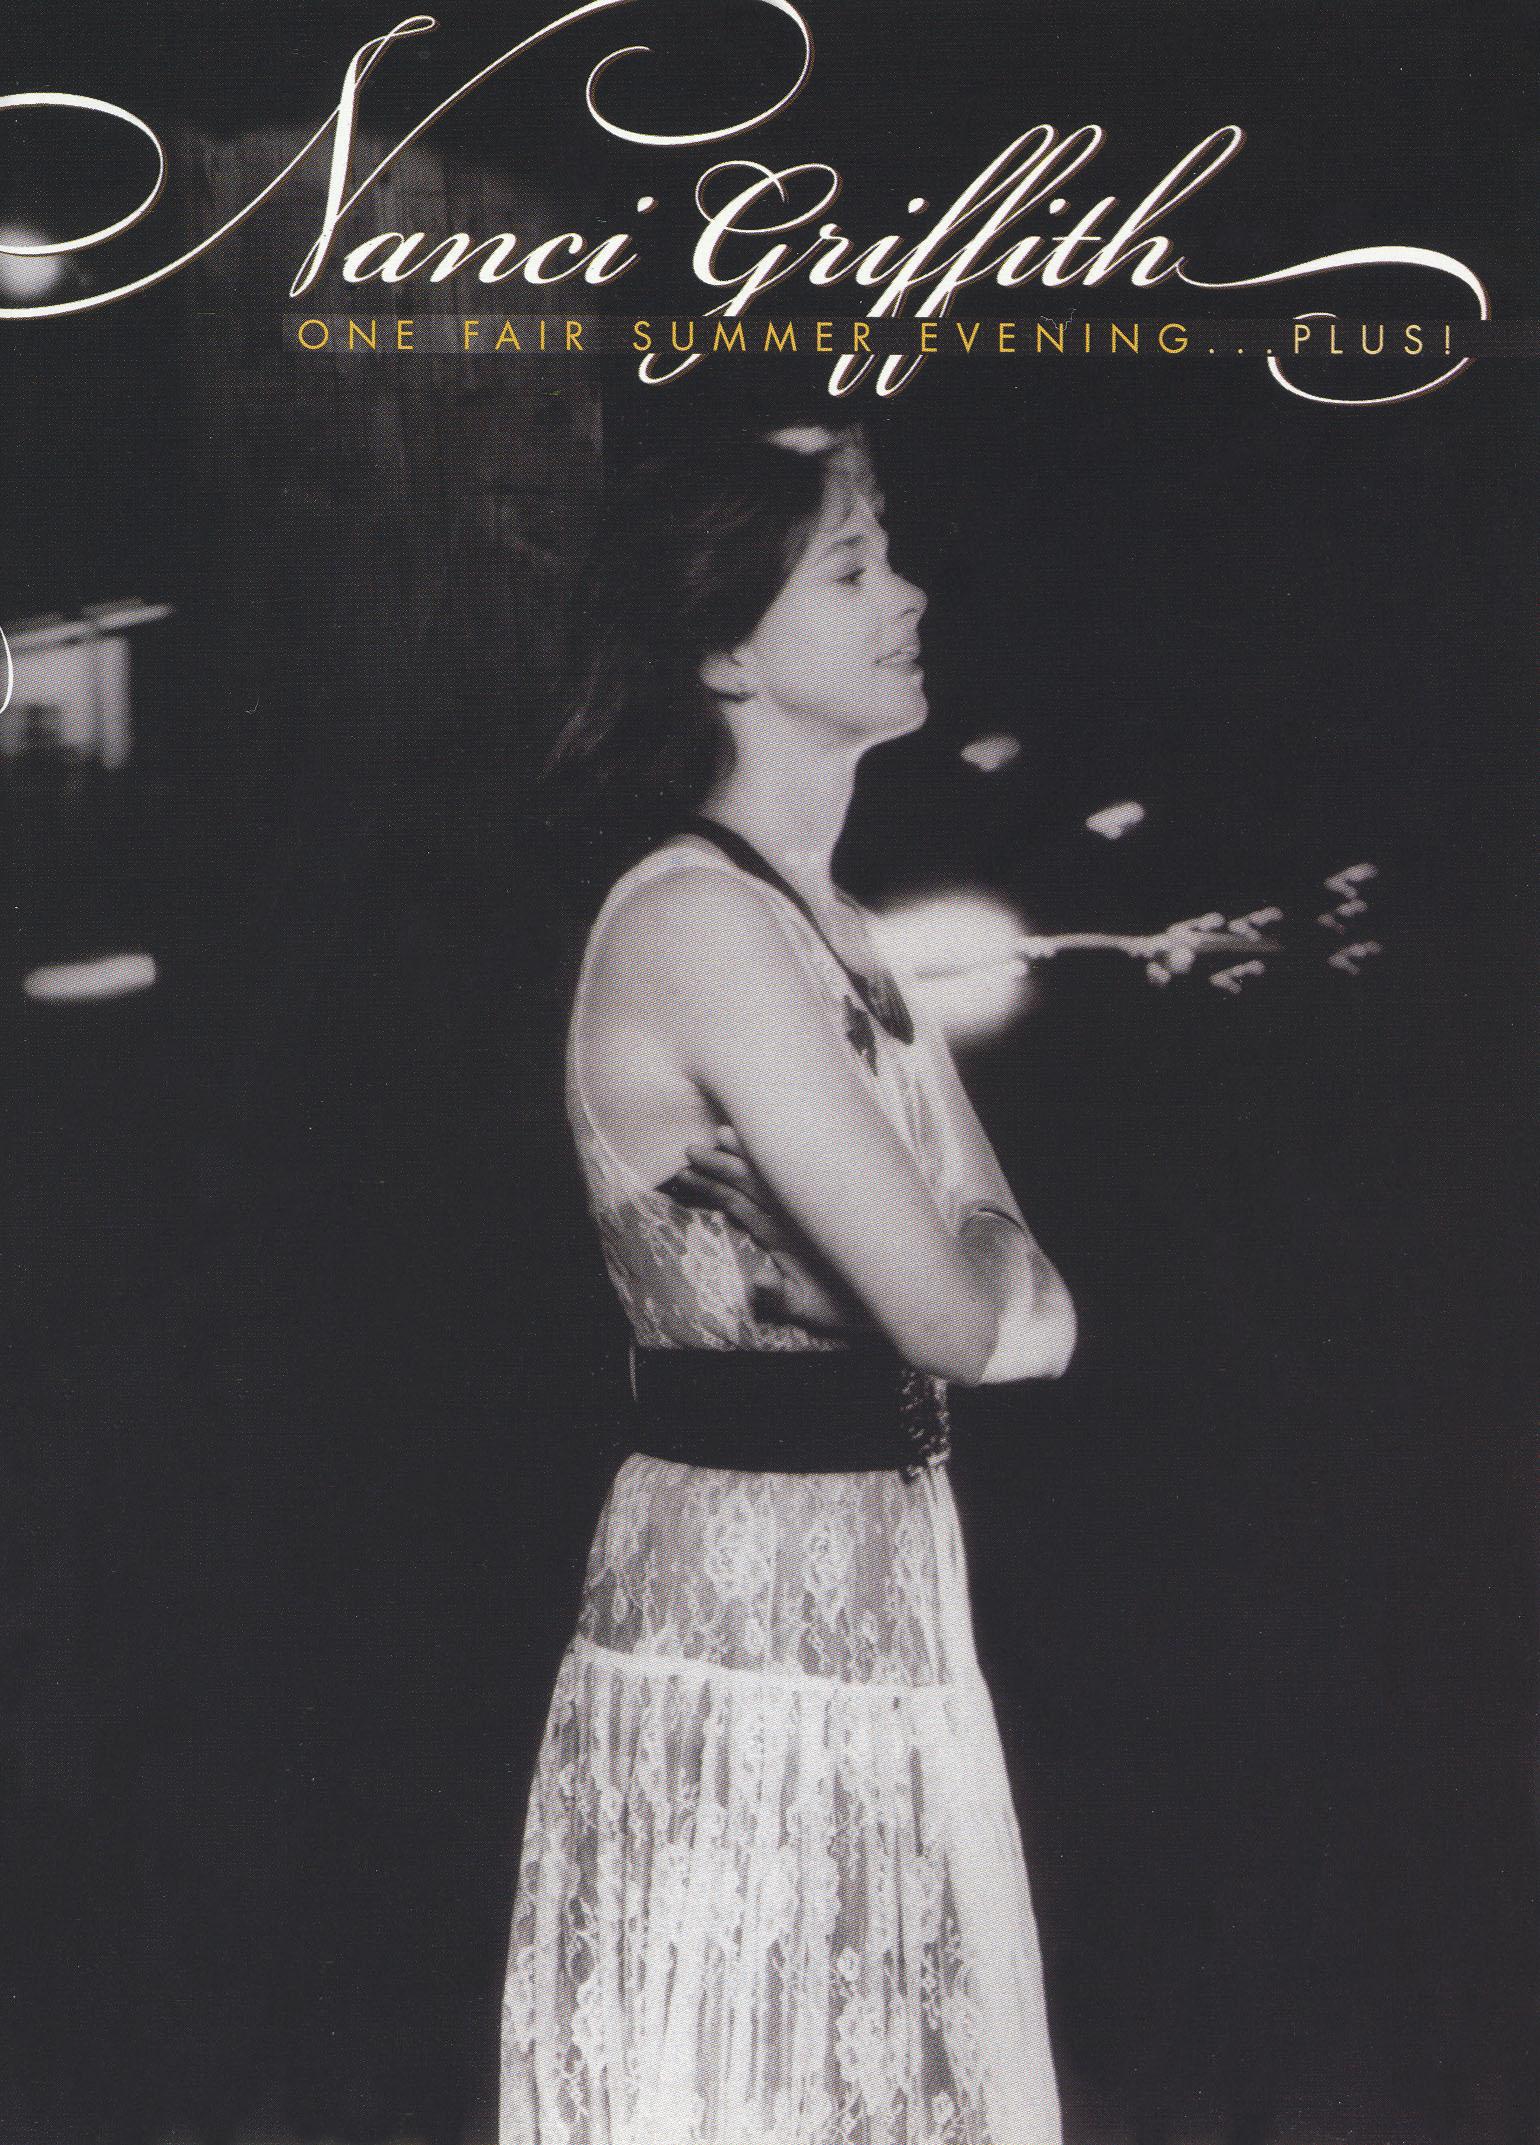 Nanci Griffith: One Fair Summer Evening... Plus